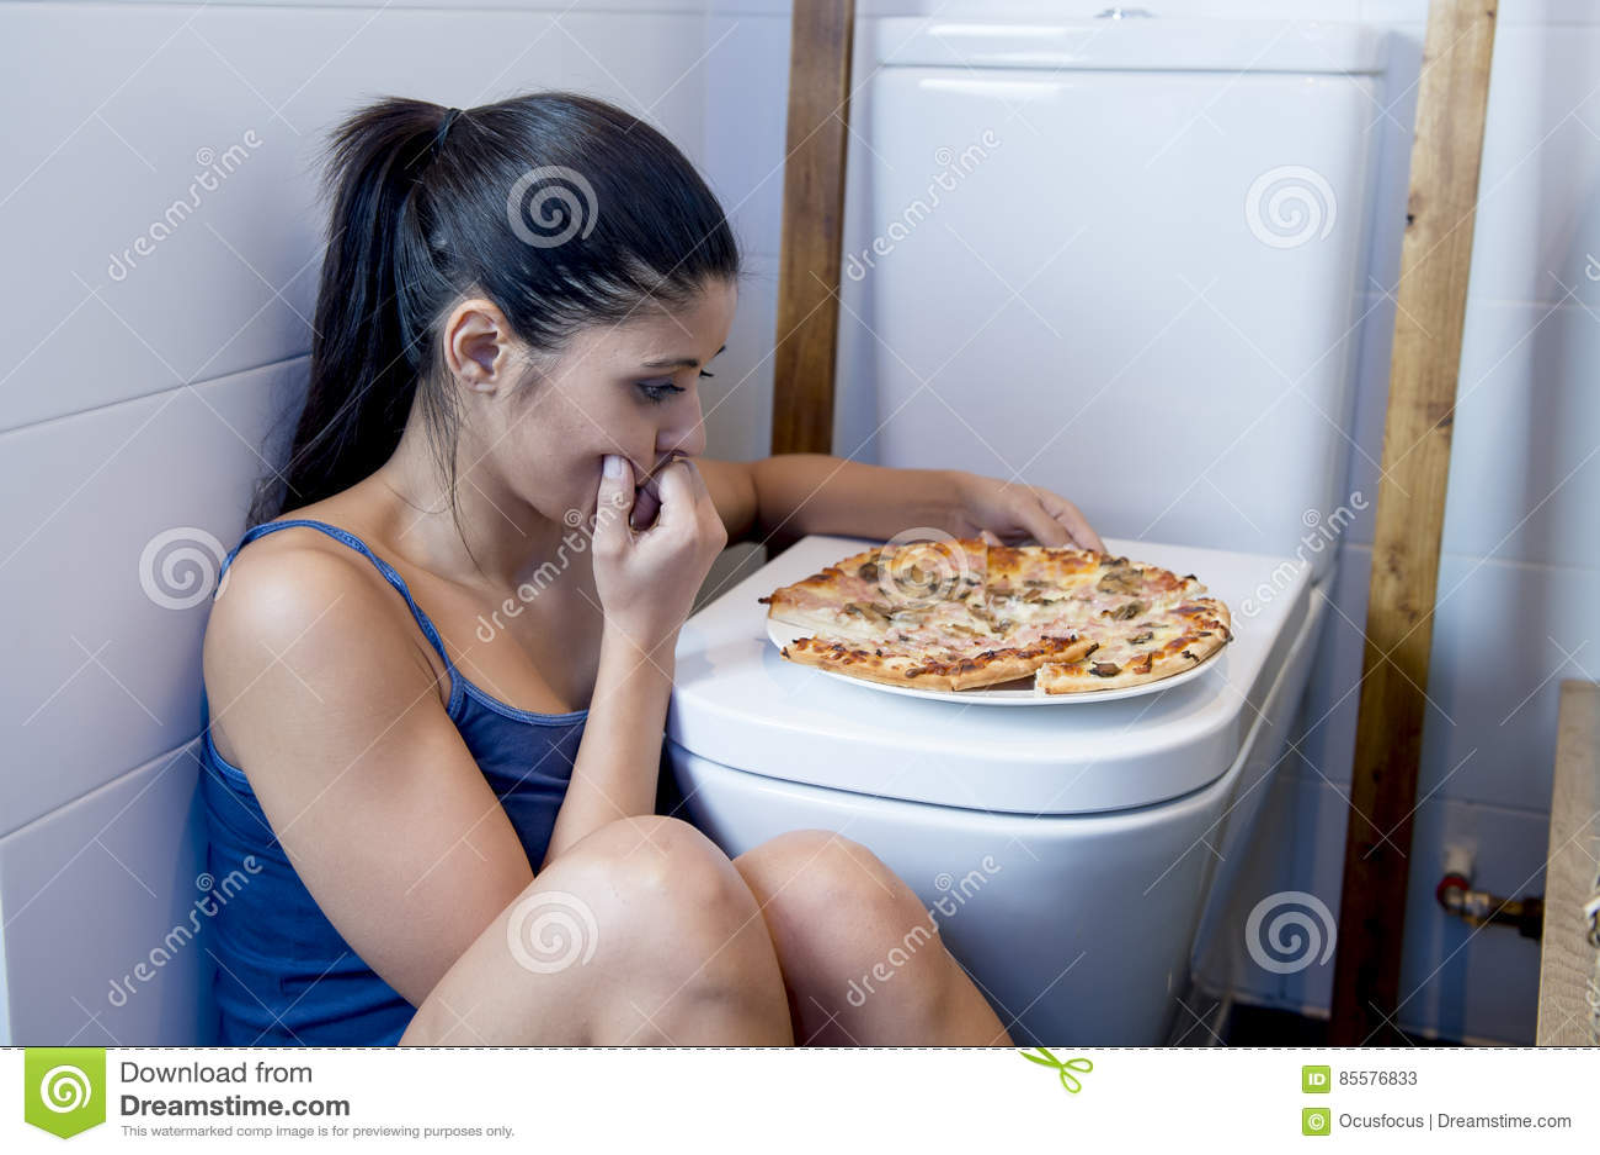 Donna affetta da bulimia che ritiene seduta colpevole malata al pavimento della toilette che si appoggia WC che mangia pizza